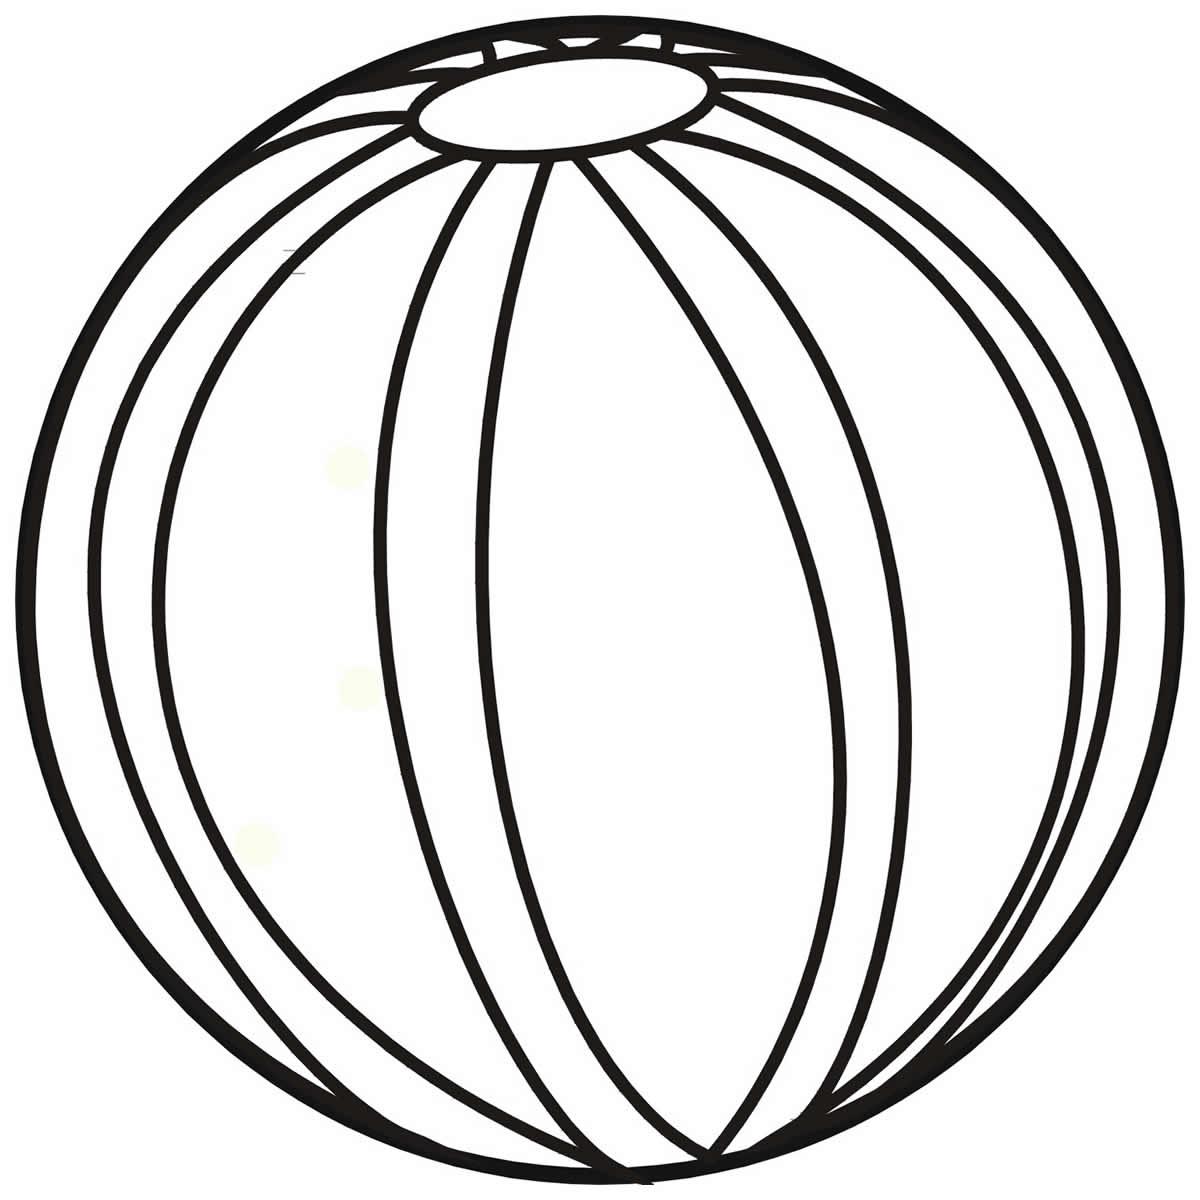 Imagens de bola para pintar